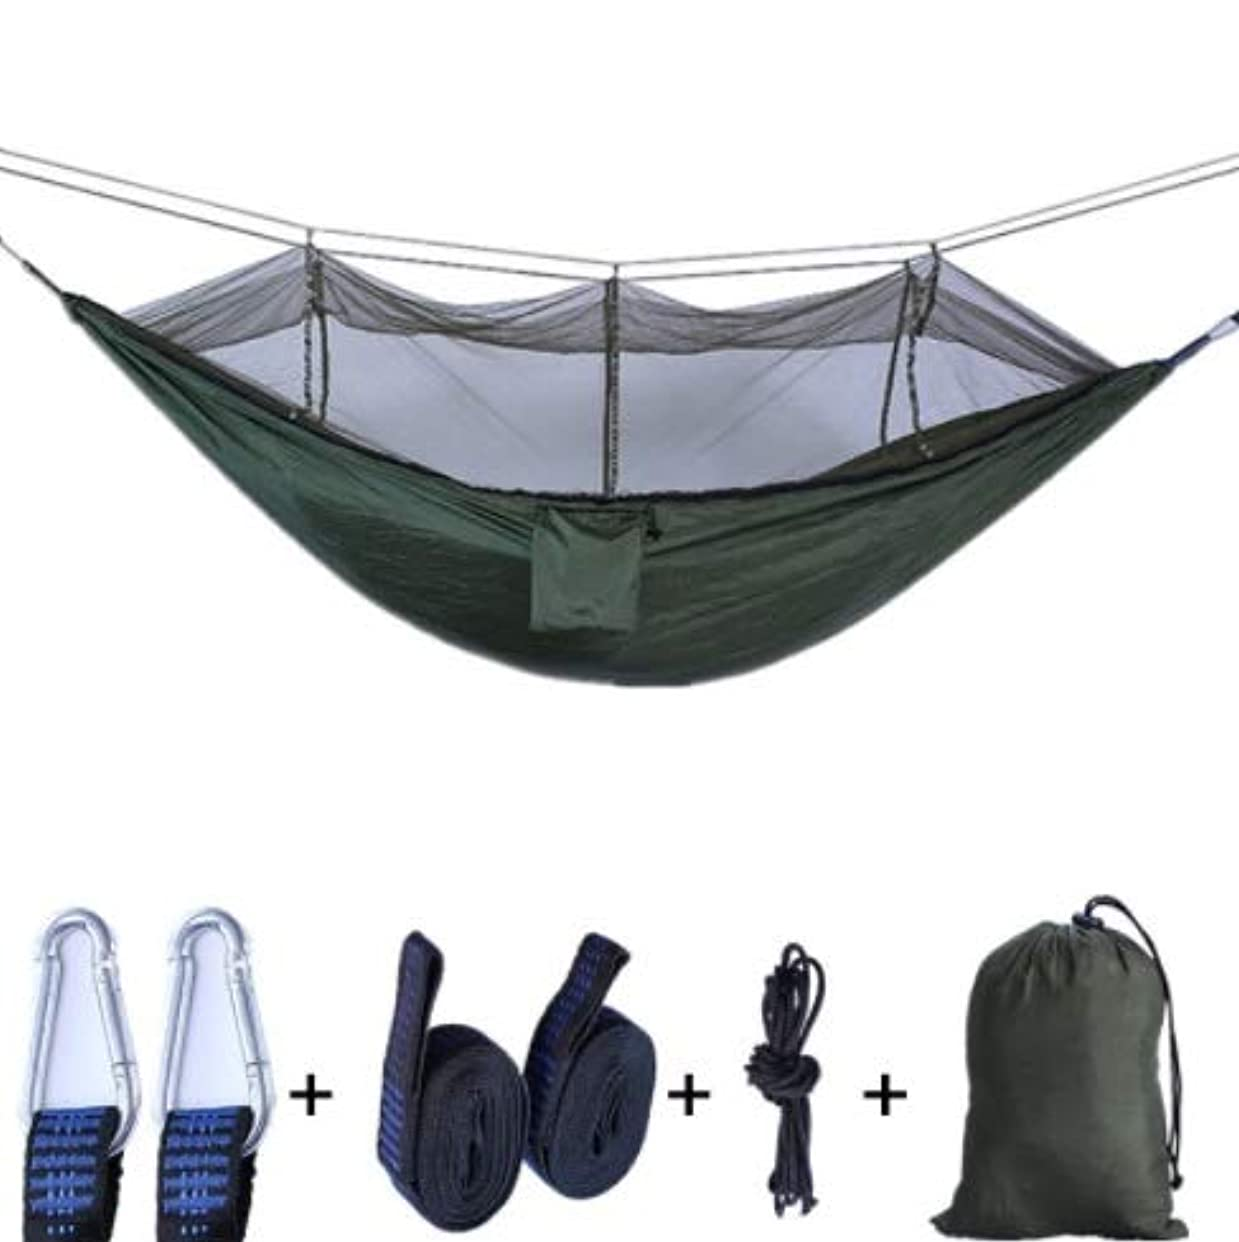 余分な代名詞アームストロングKYAWJY 蚊帳ハンモック屋外スーパーライトパラシュート布ダブルハンモックキャンプ空中テントアーミーグリーン